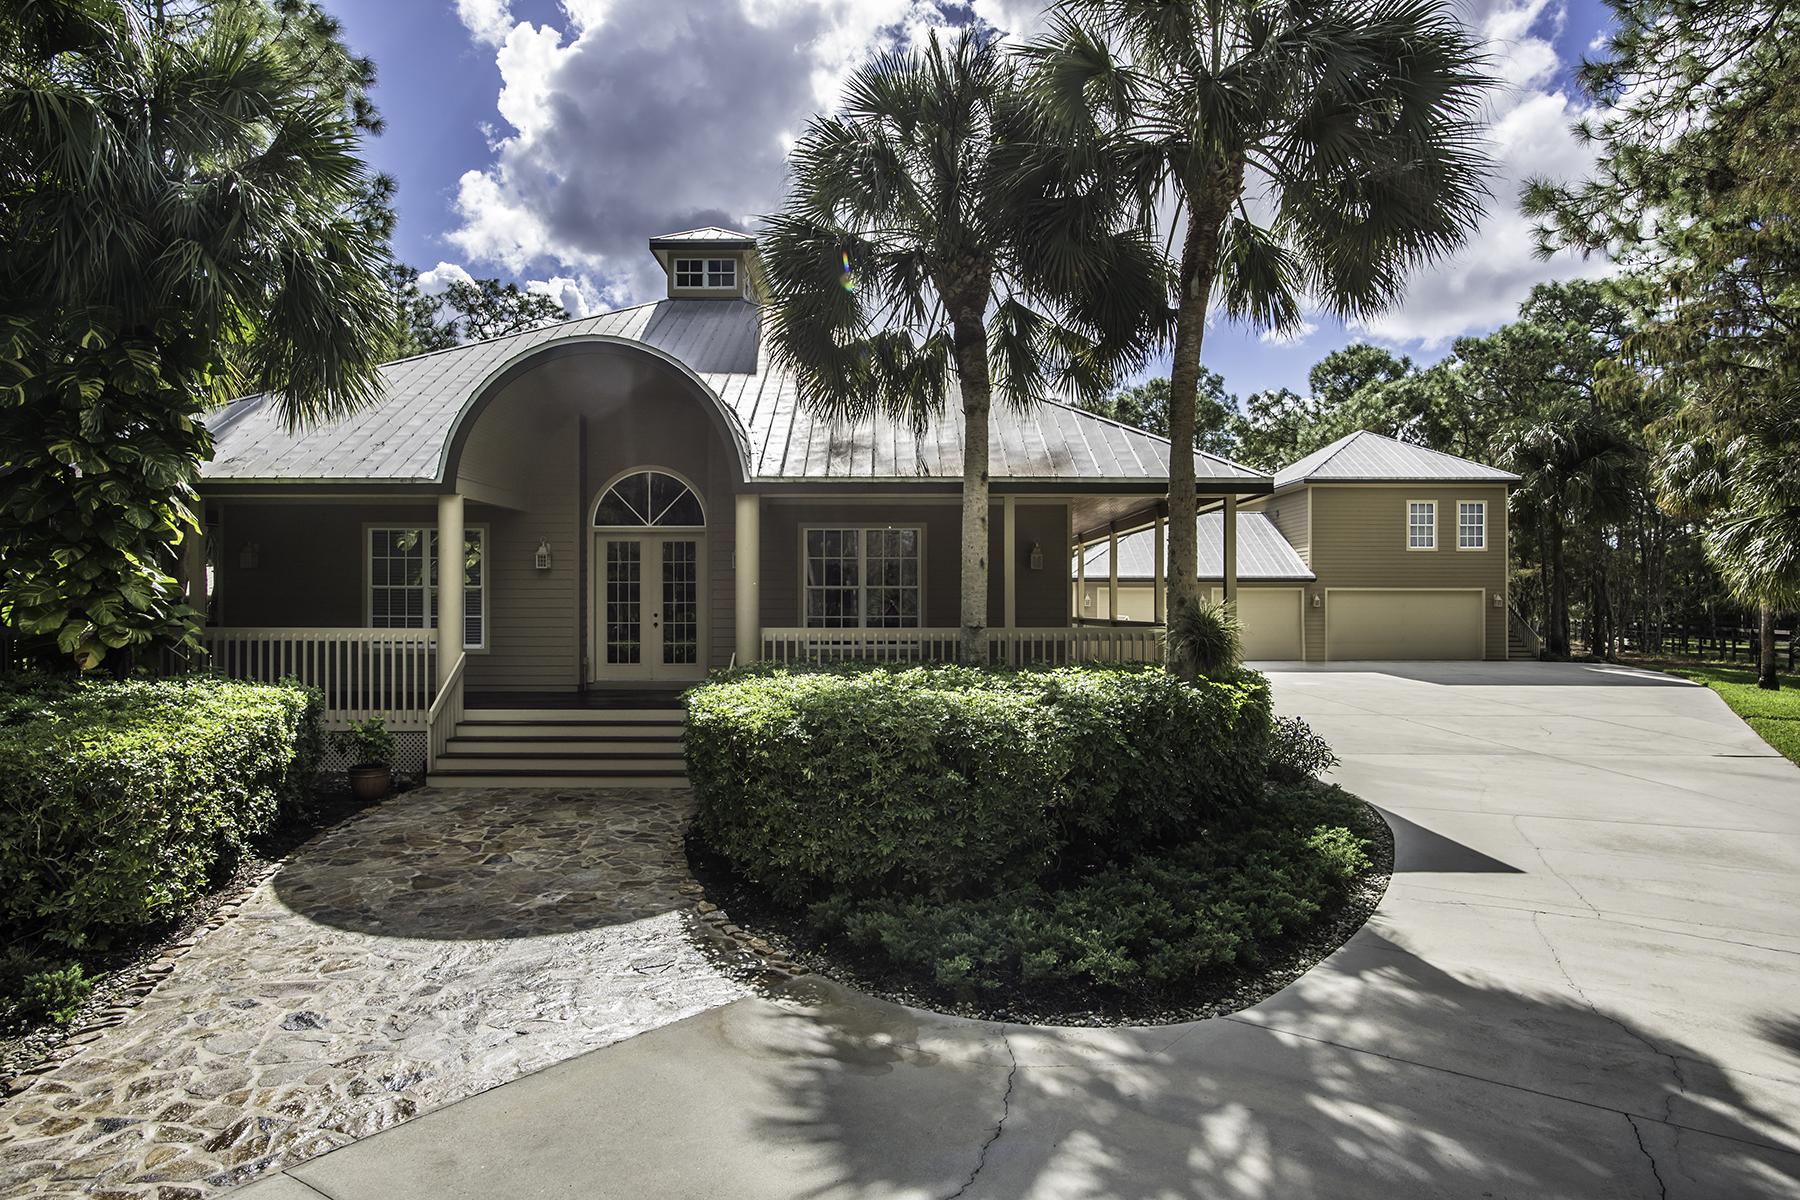 단독 가정 주택 용 매매 에 LIVINGSTON WOODS 6848 Daniels Rd Naples, 플로리다 34109 미국